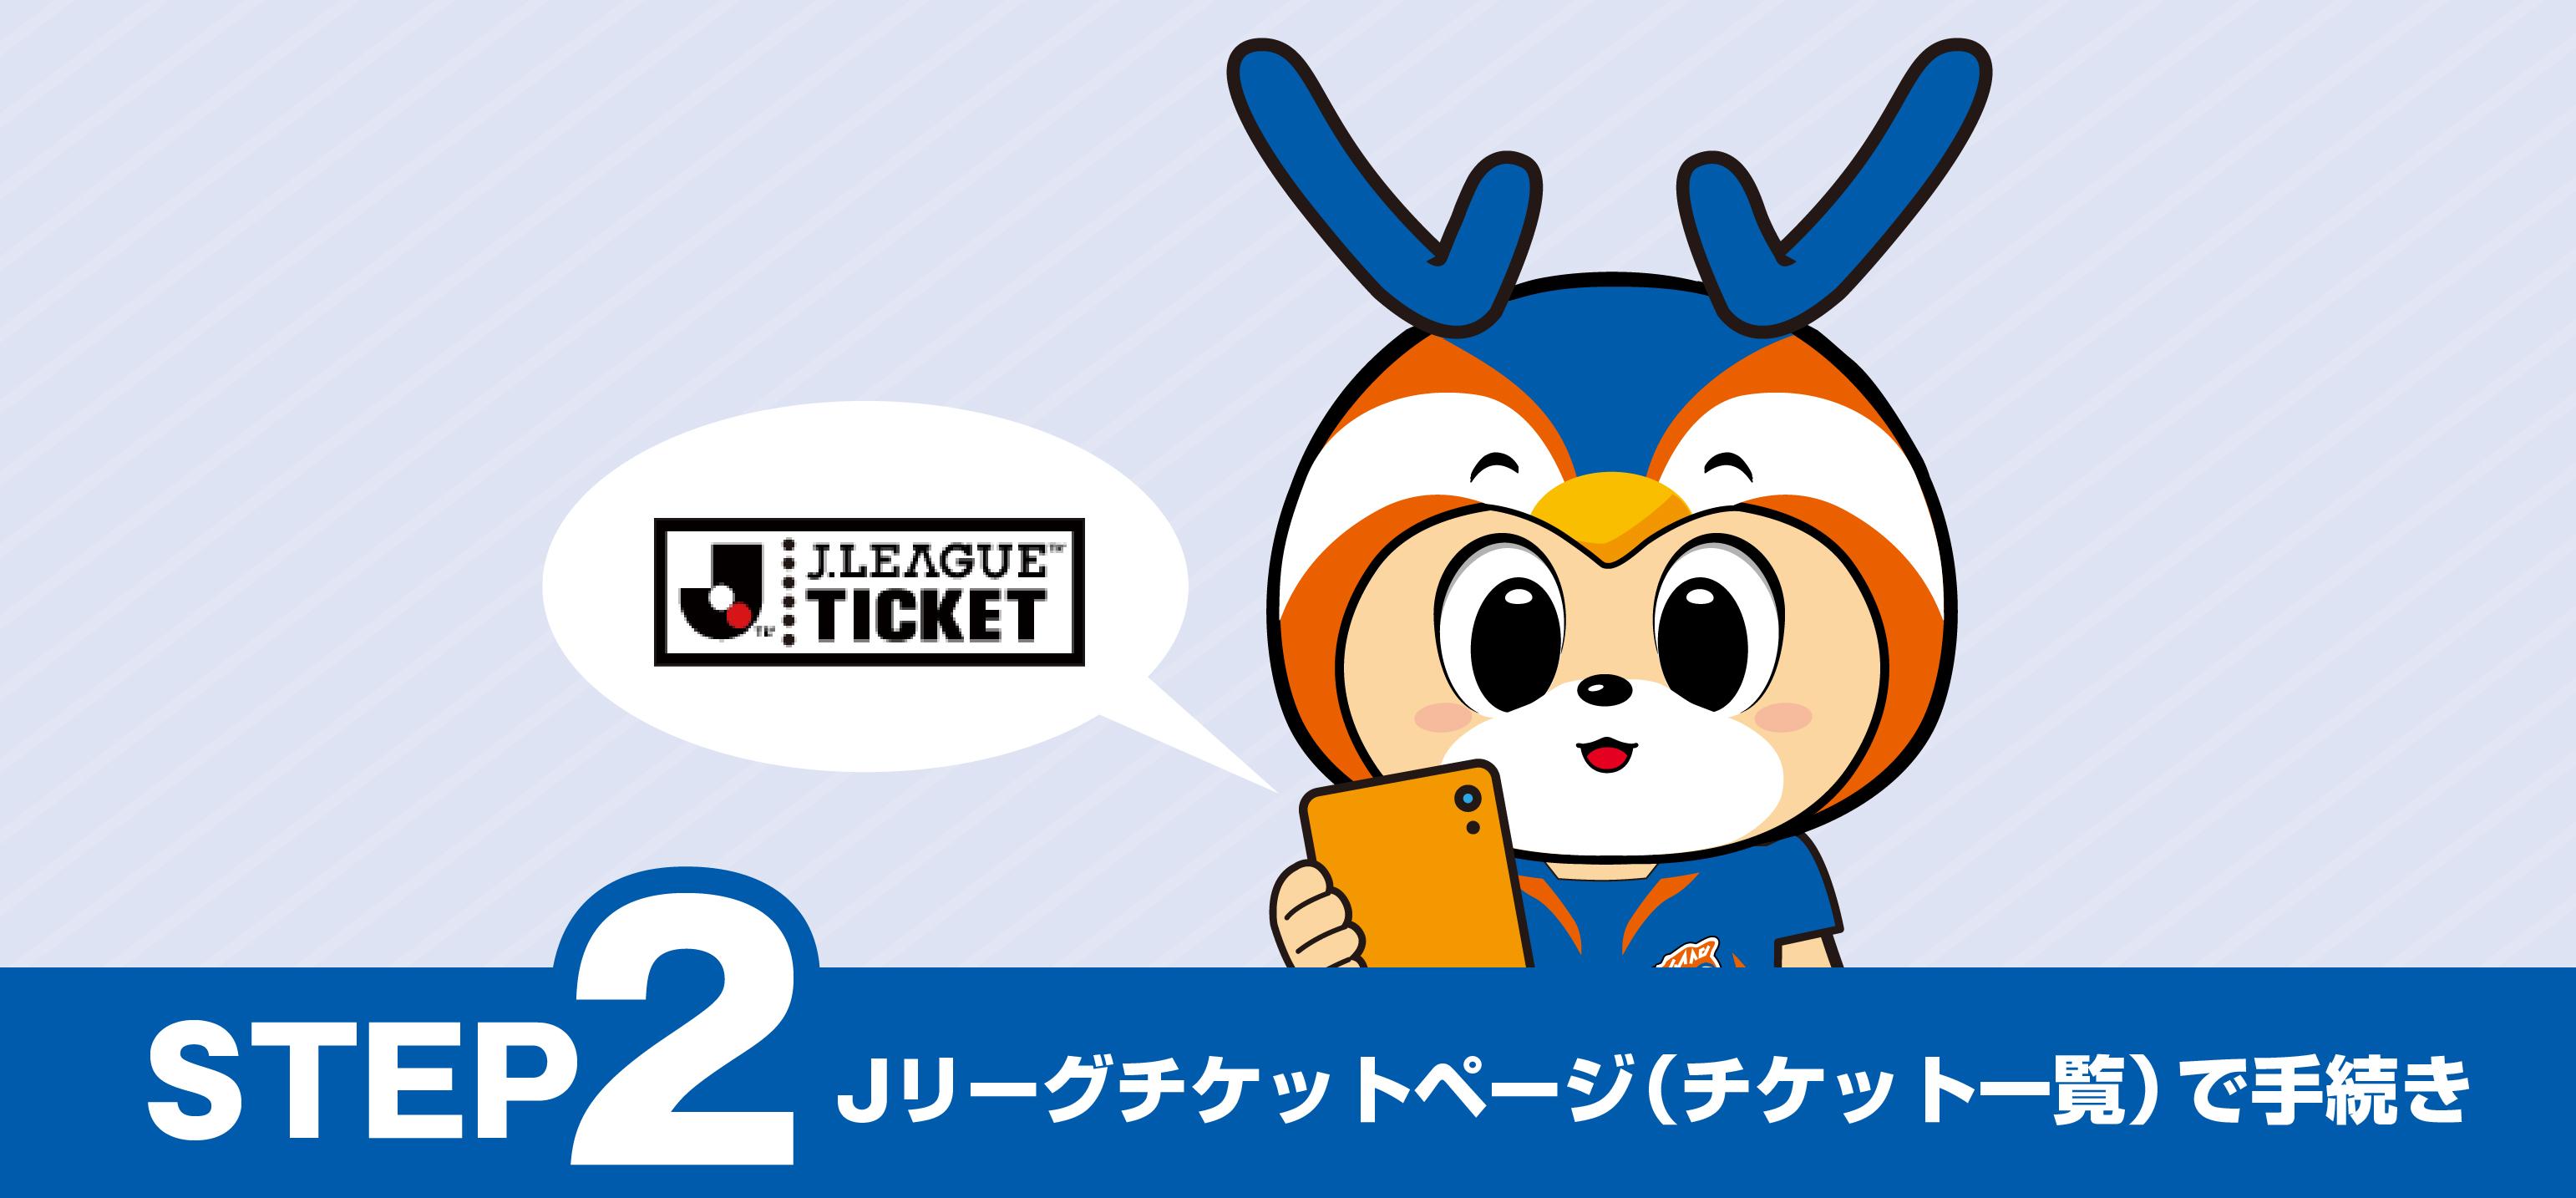 STEP2 Jリーグチケットページ(チケット一覧)で手続き